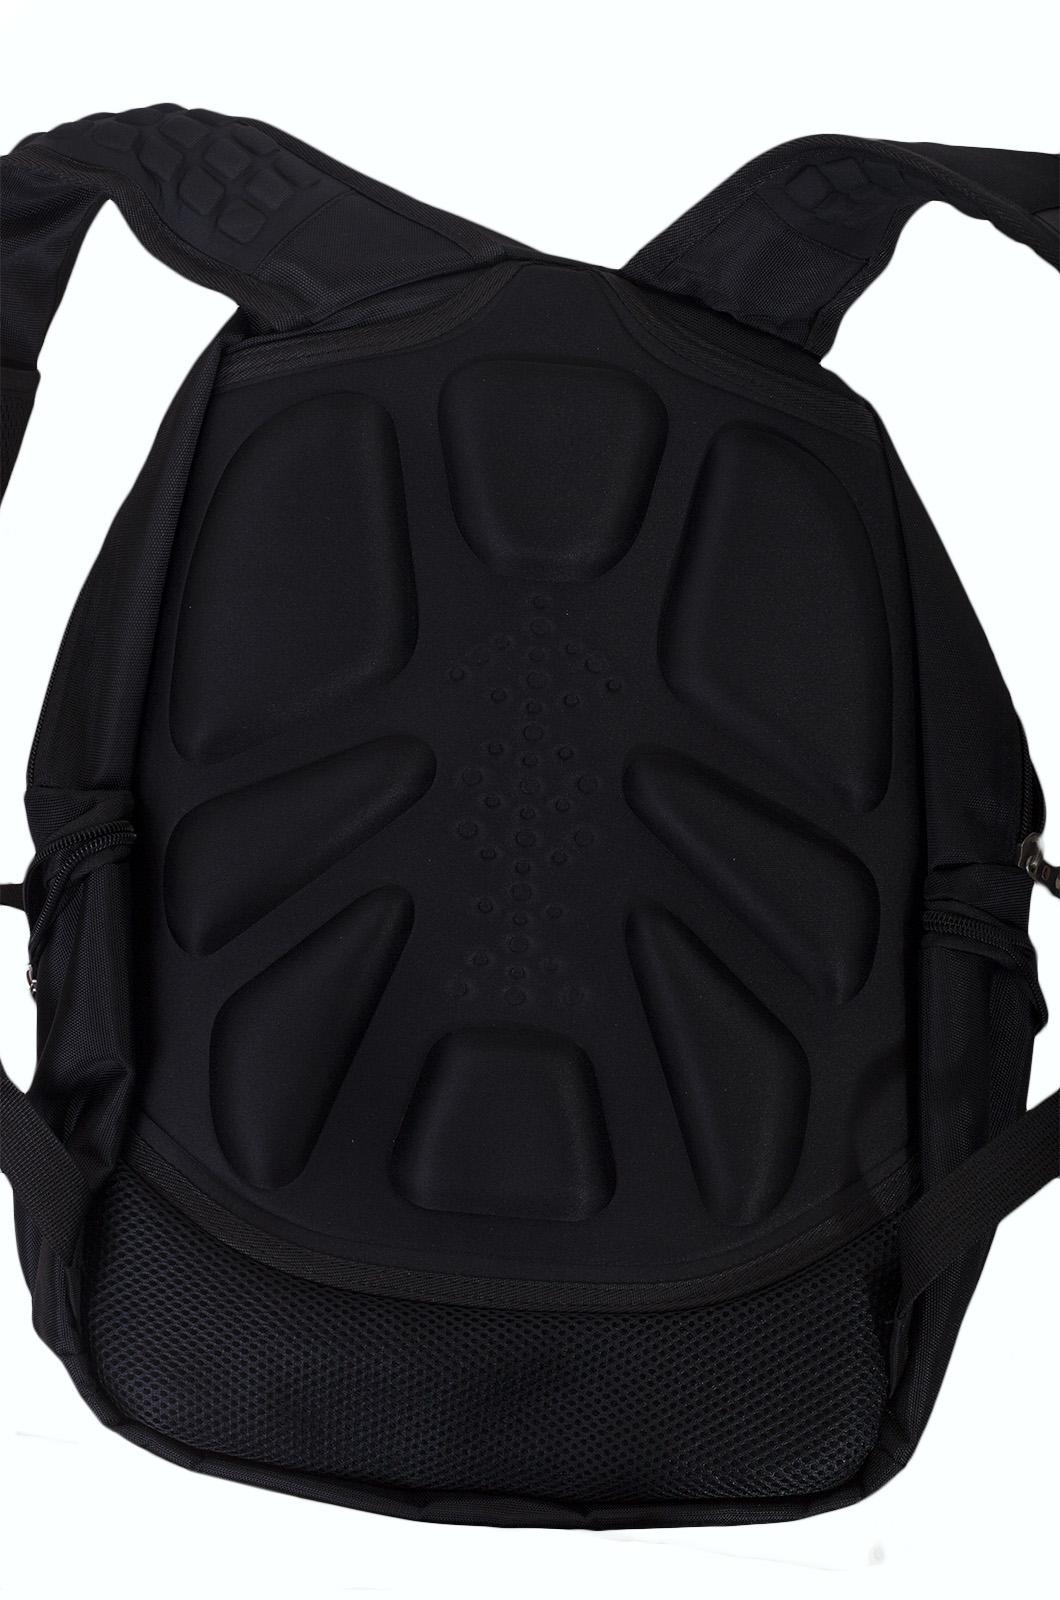 Практичный мужской рюкзак с нашивкой ФСБ купить выгодно